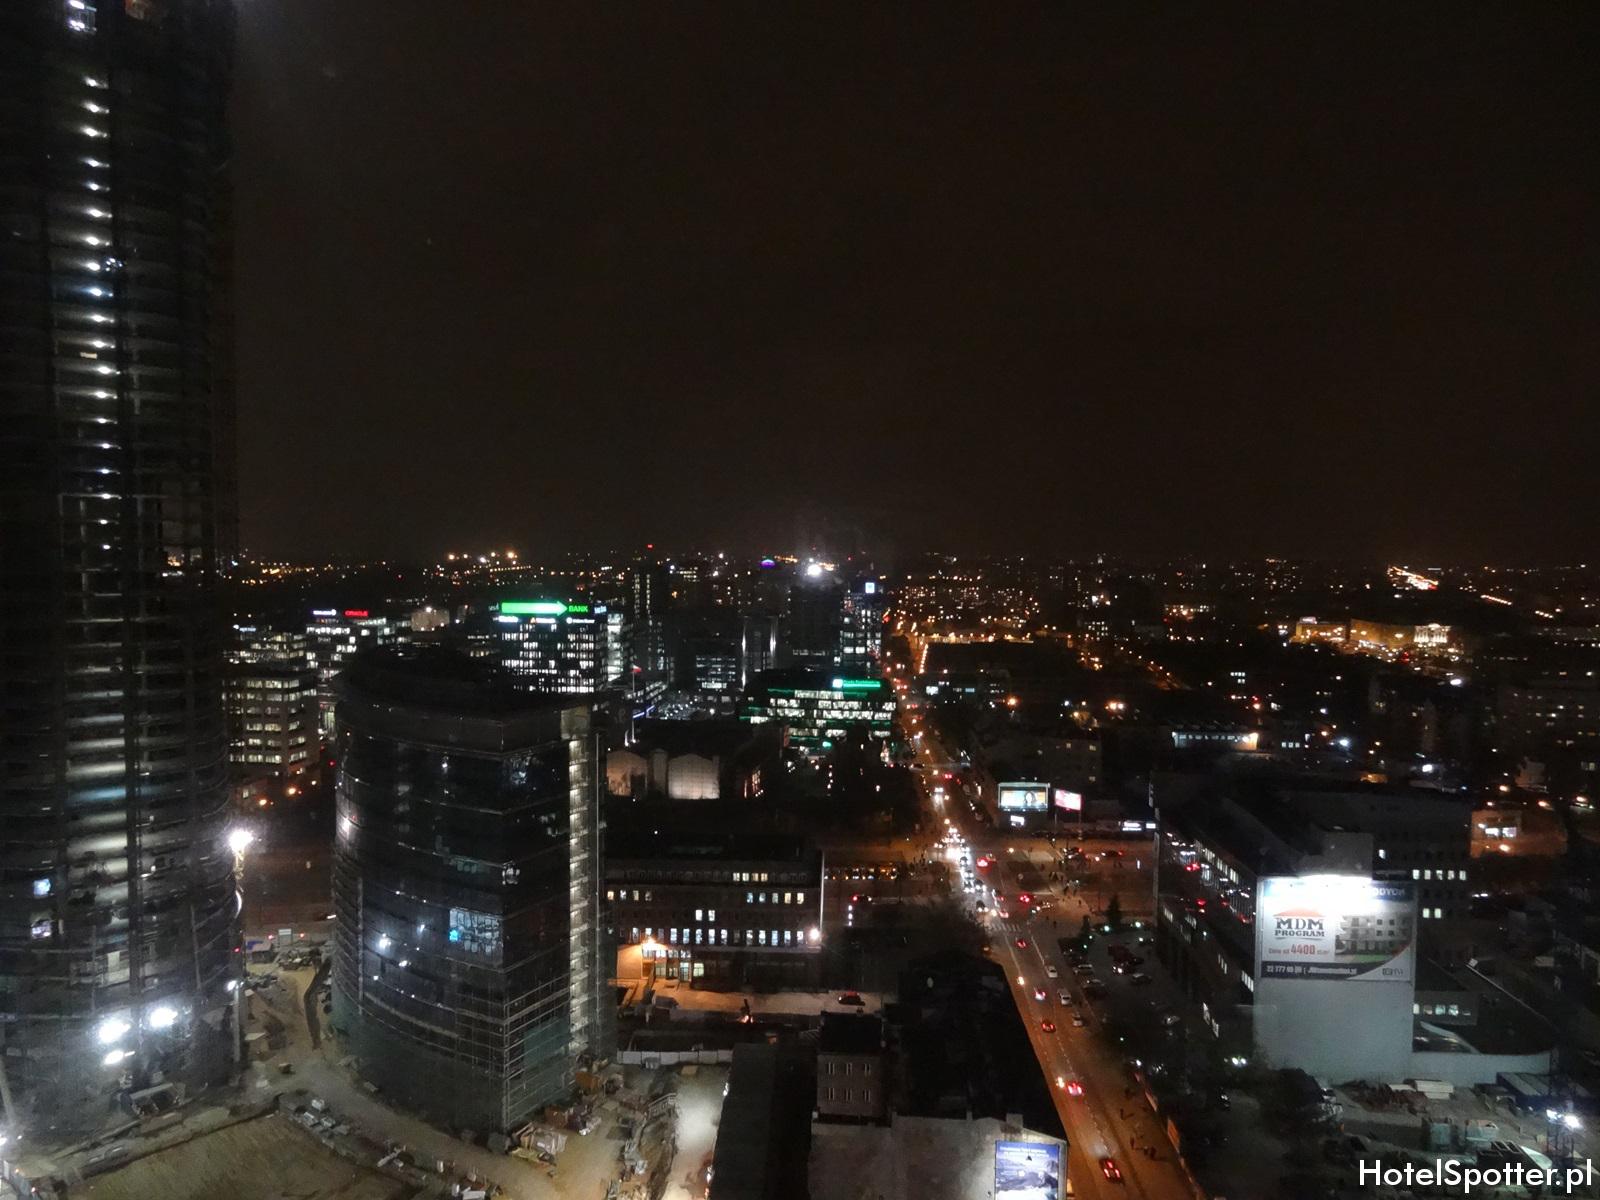 Hilton Warsaw Hotel - widok z okna na 23 pietrze warsaw spire